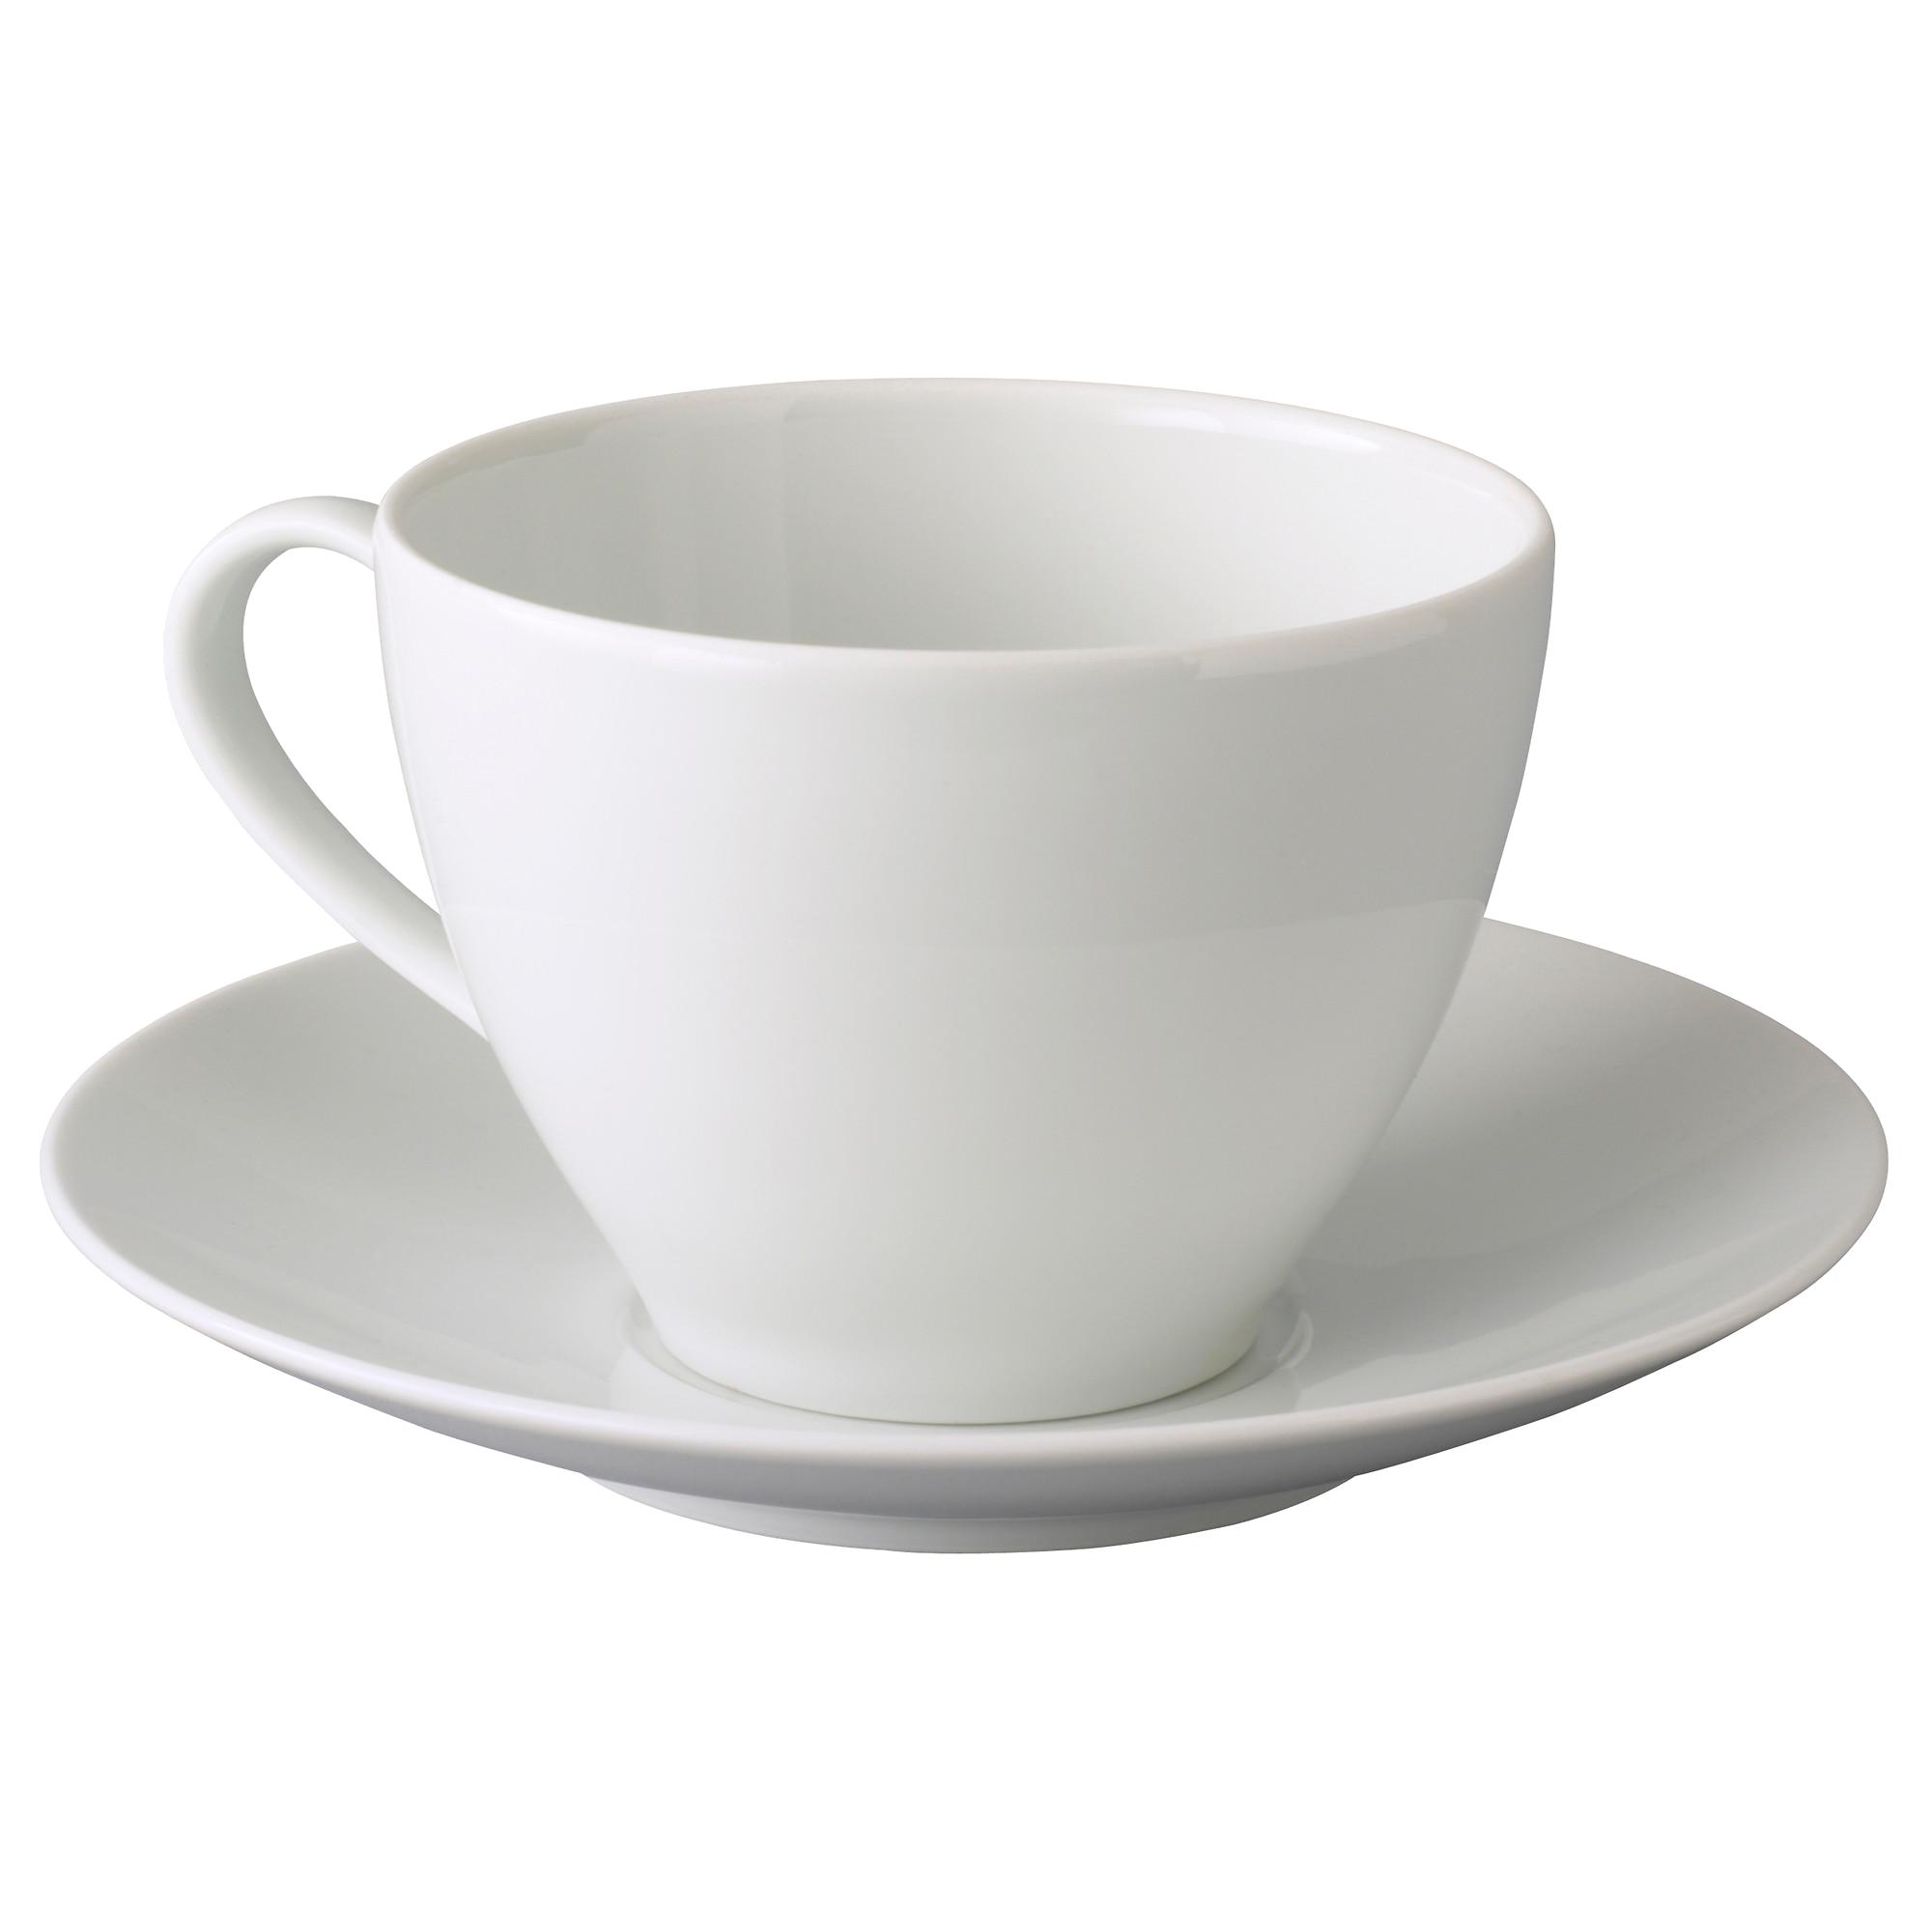 PNG Cup Of Tea - 133168